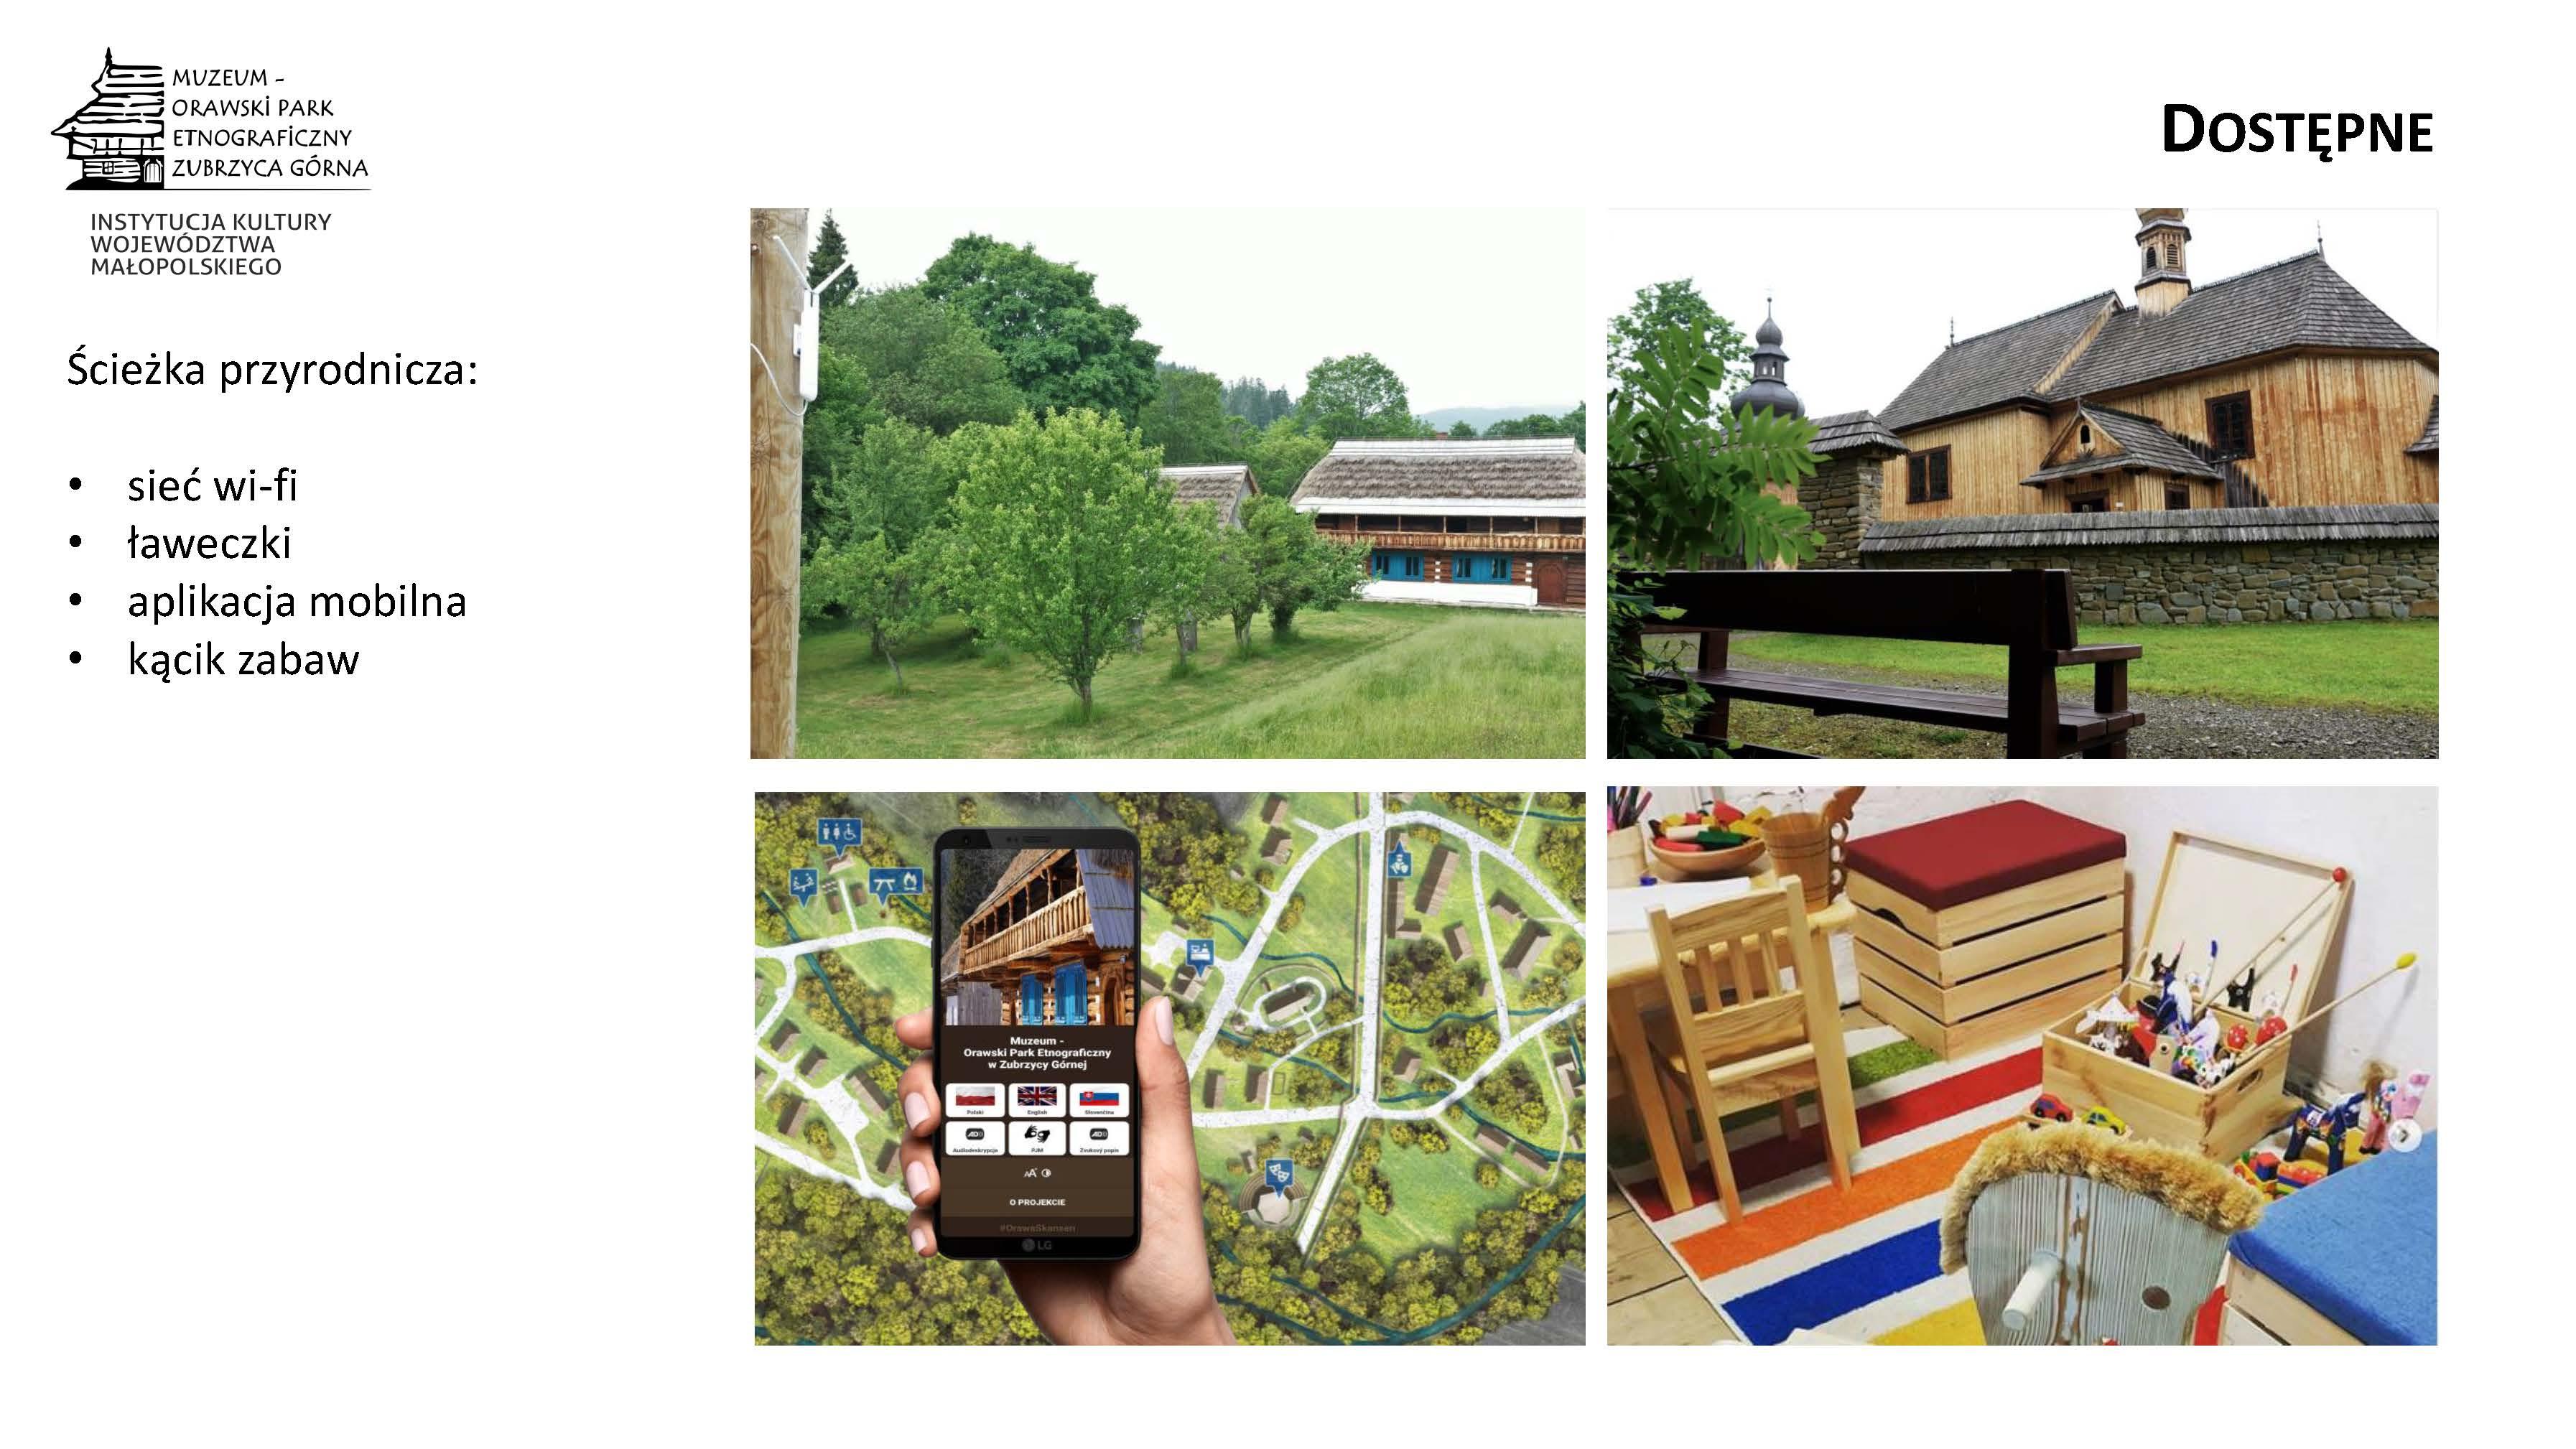 Prezentacja Orawski Park Etnograficzny w Zubrzycy Górnej